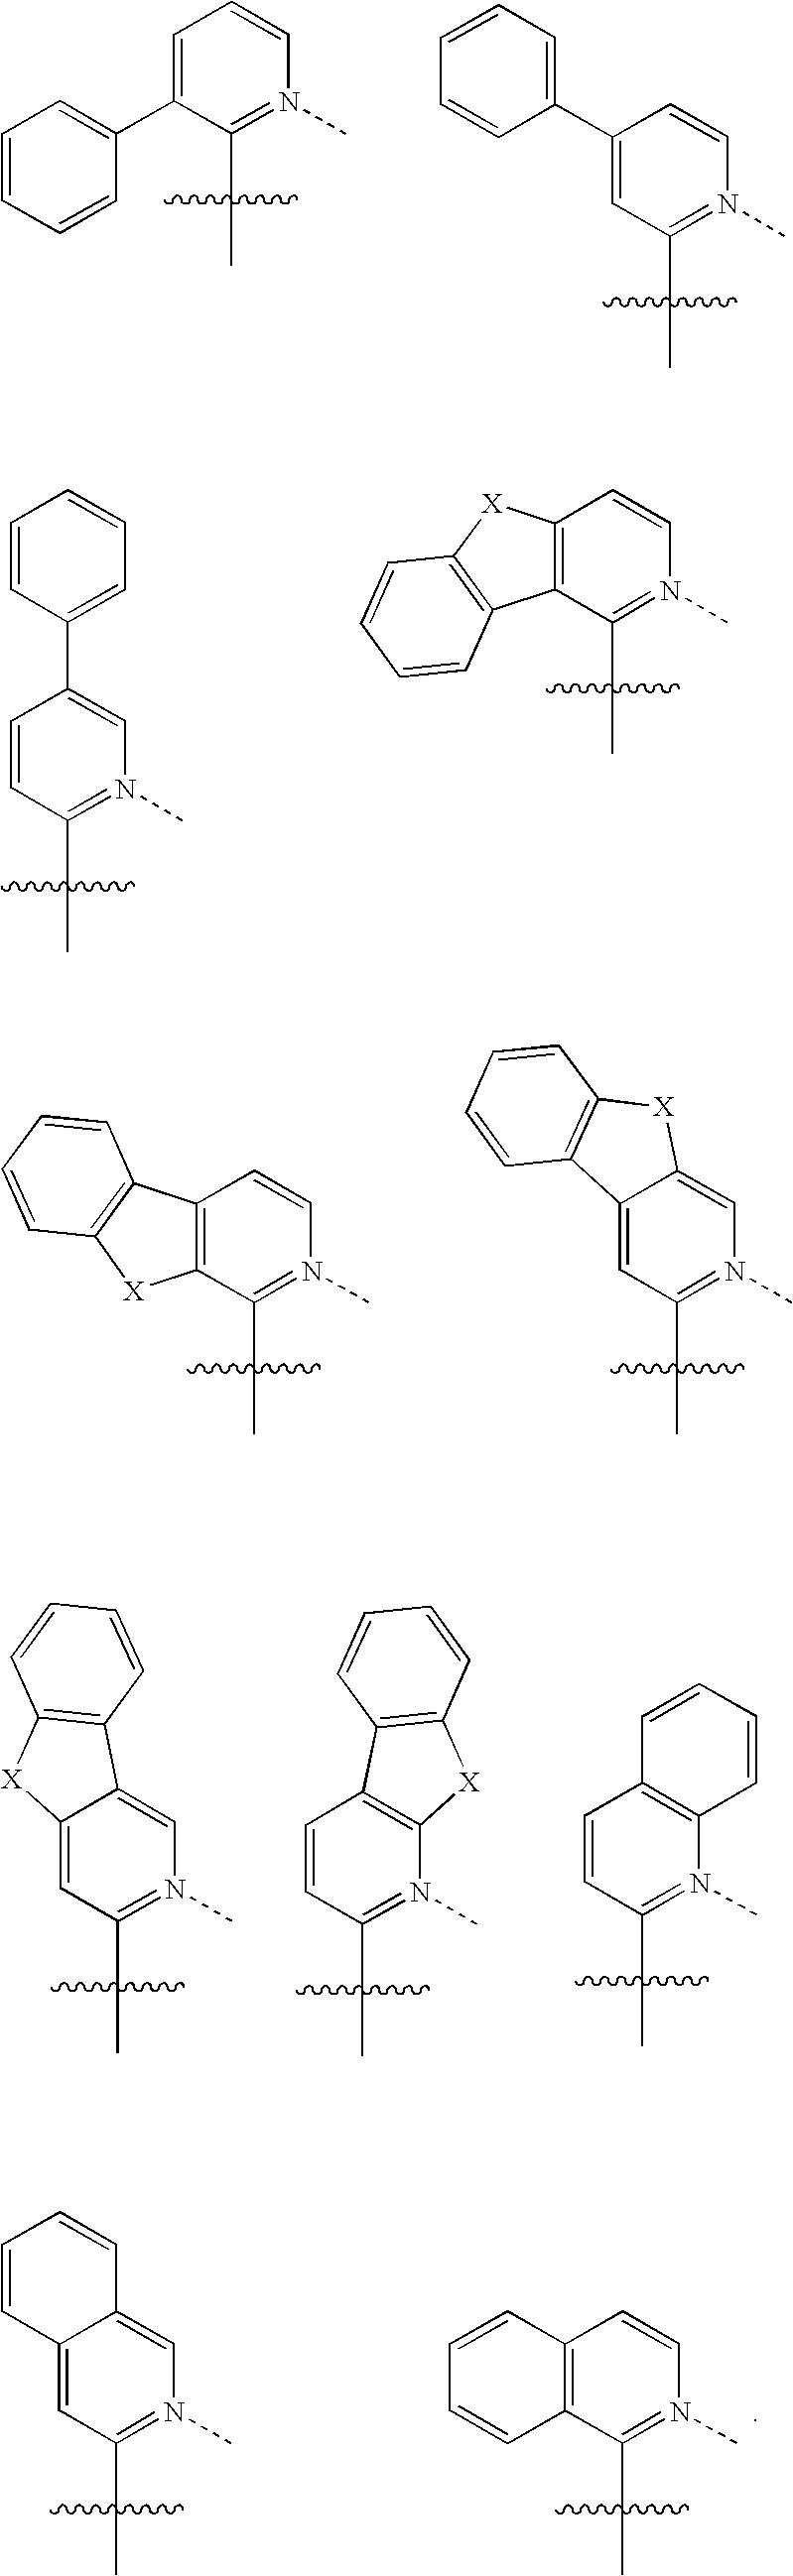 Figure US08586203-20131119-C00027